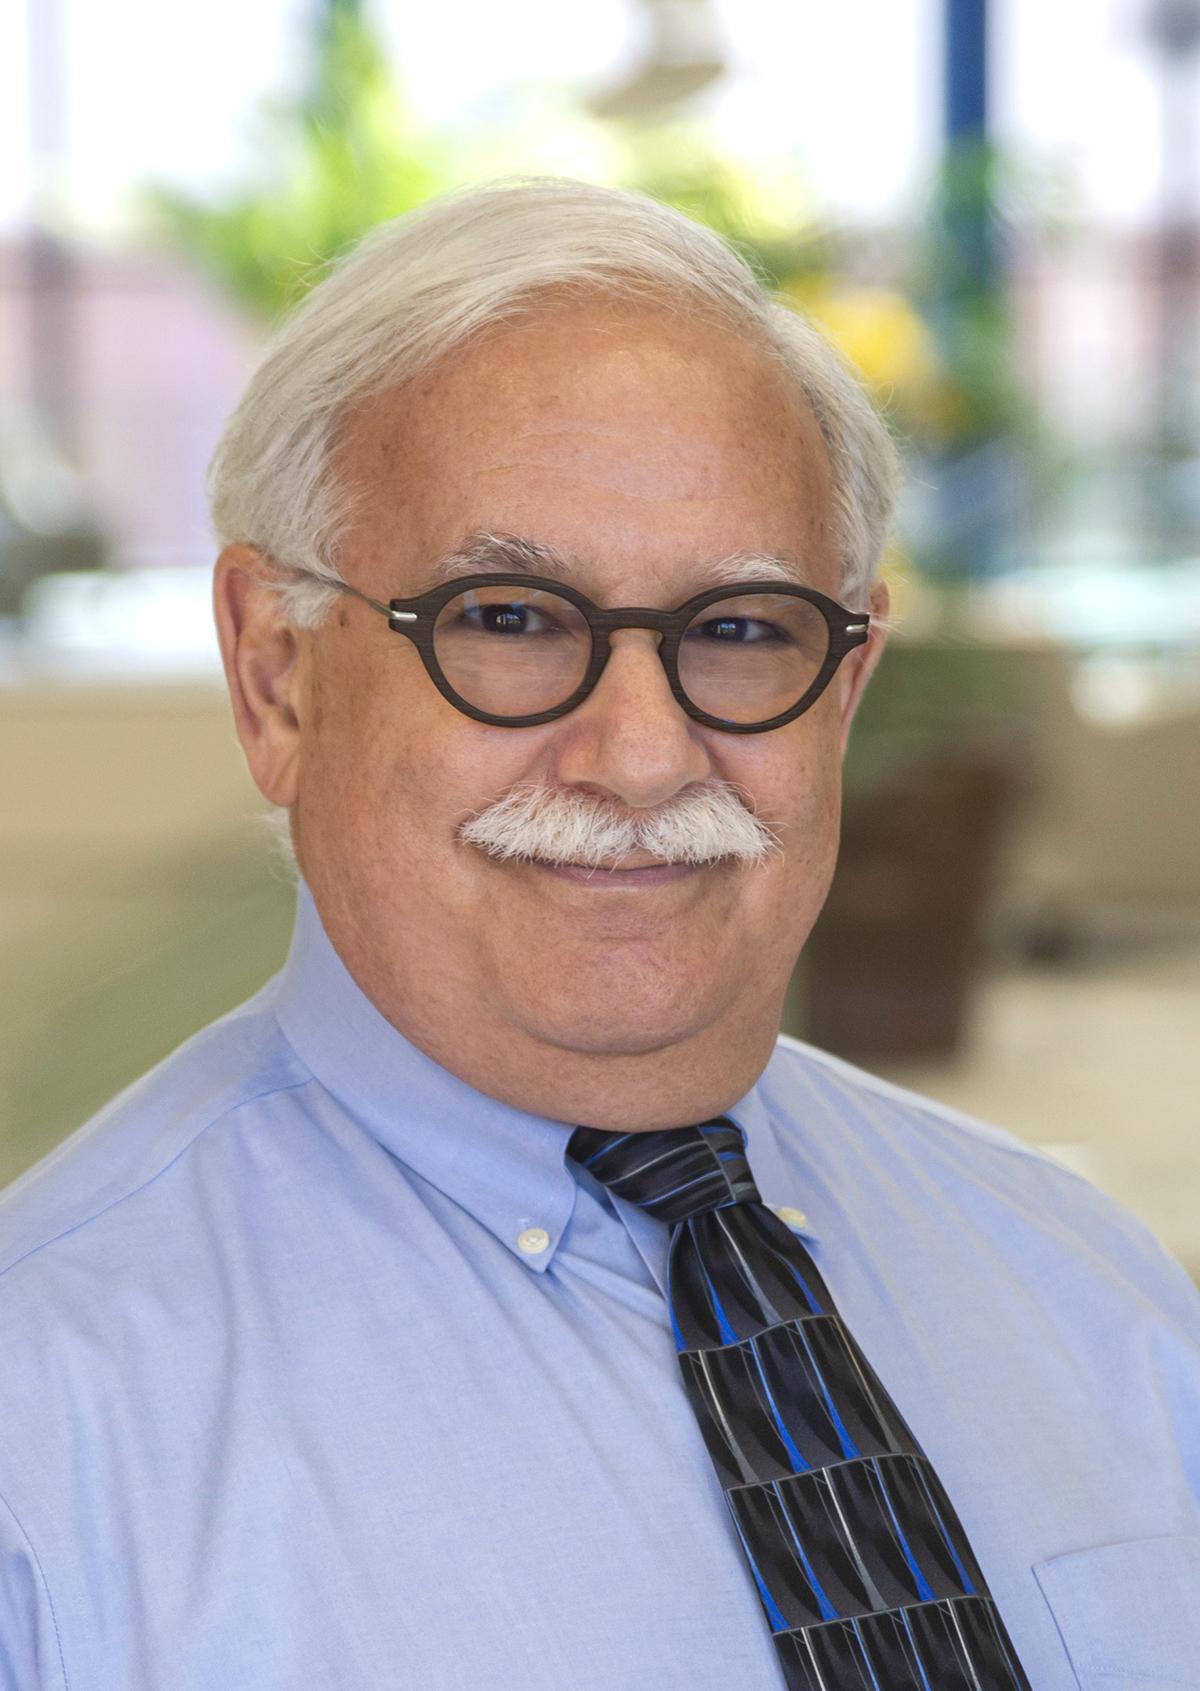 Dr. Paul A. Harris